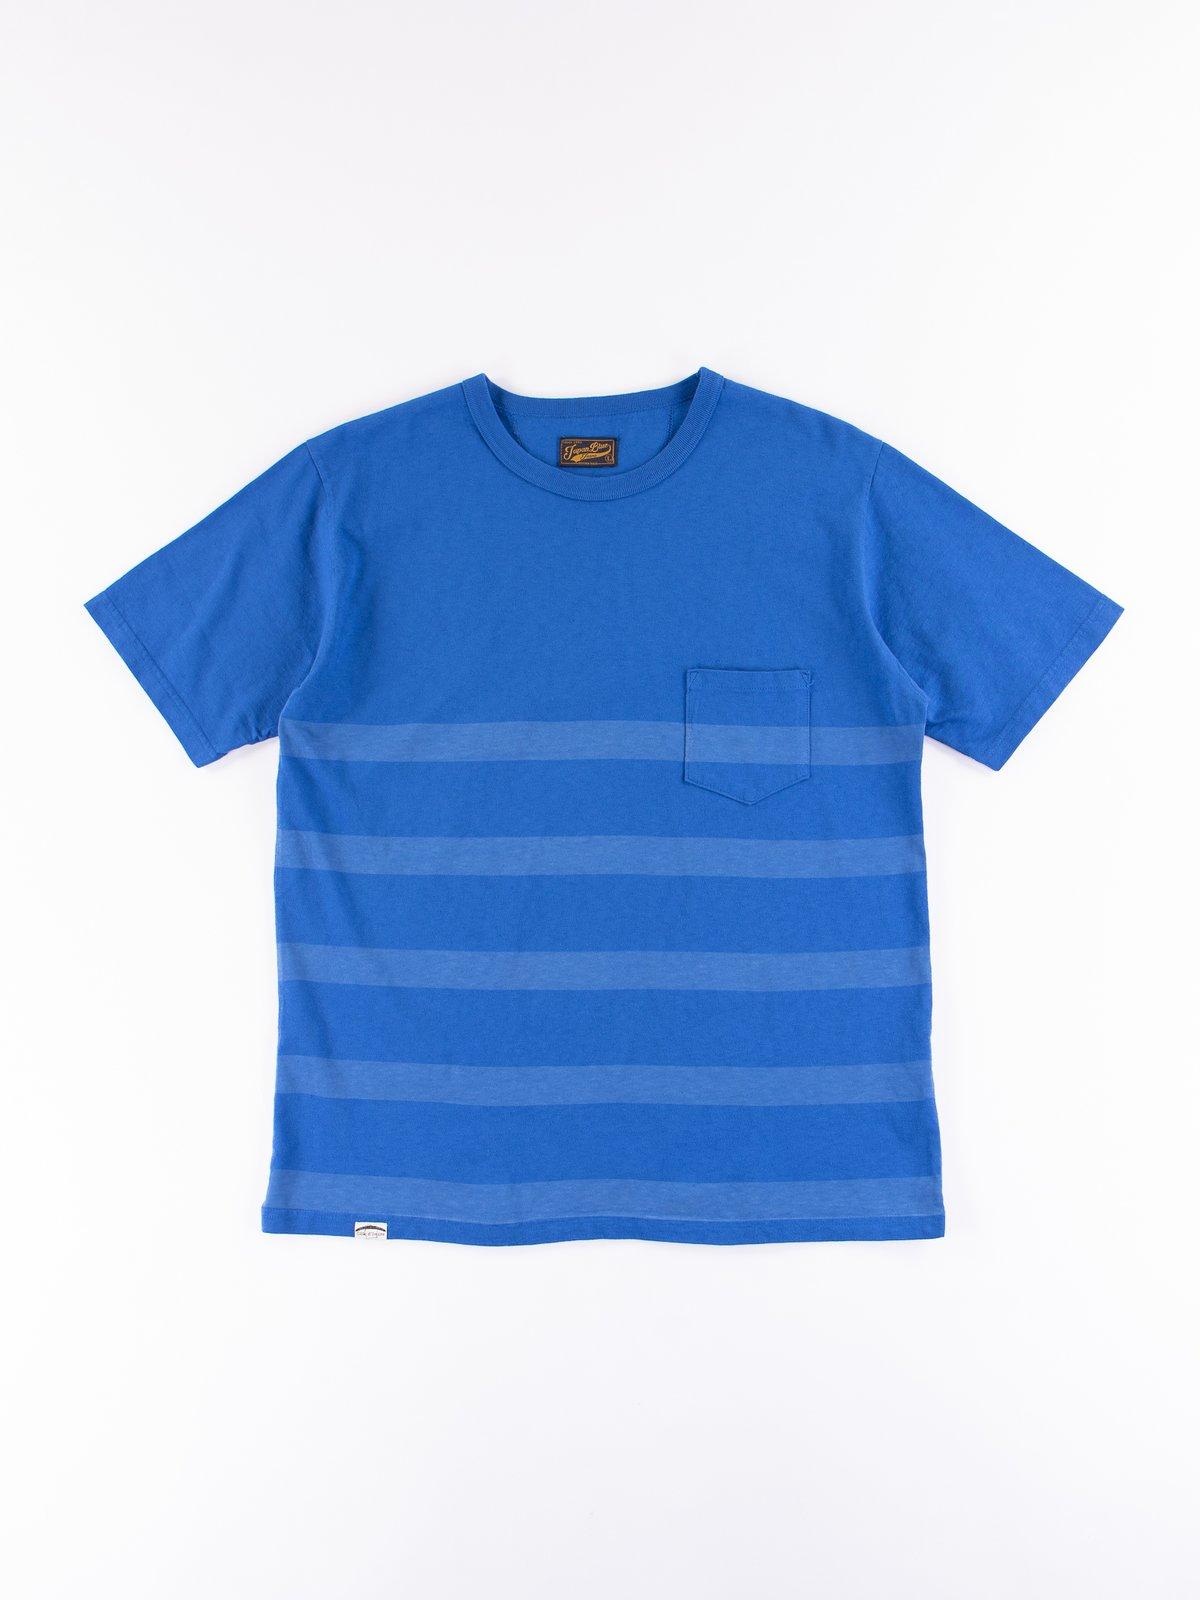 Blue Stripe Cote D'Ivoire Cotton T–Shirt - Image 1